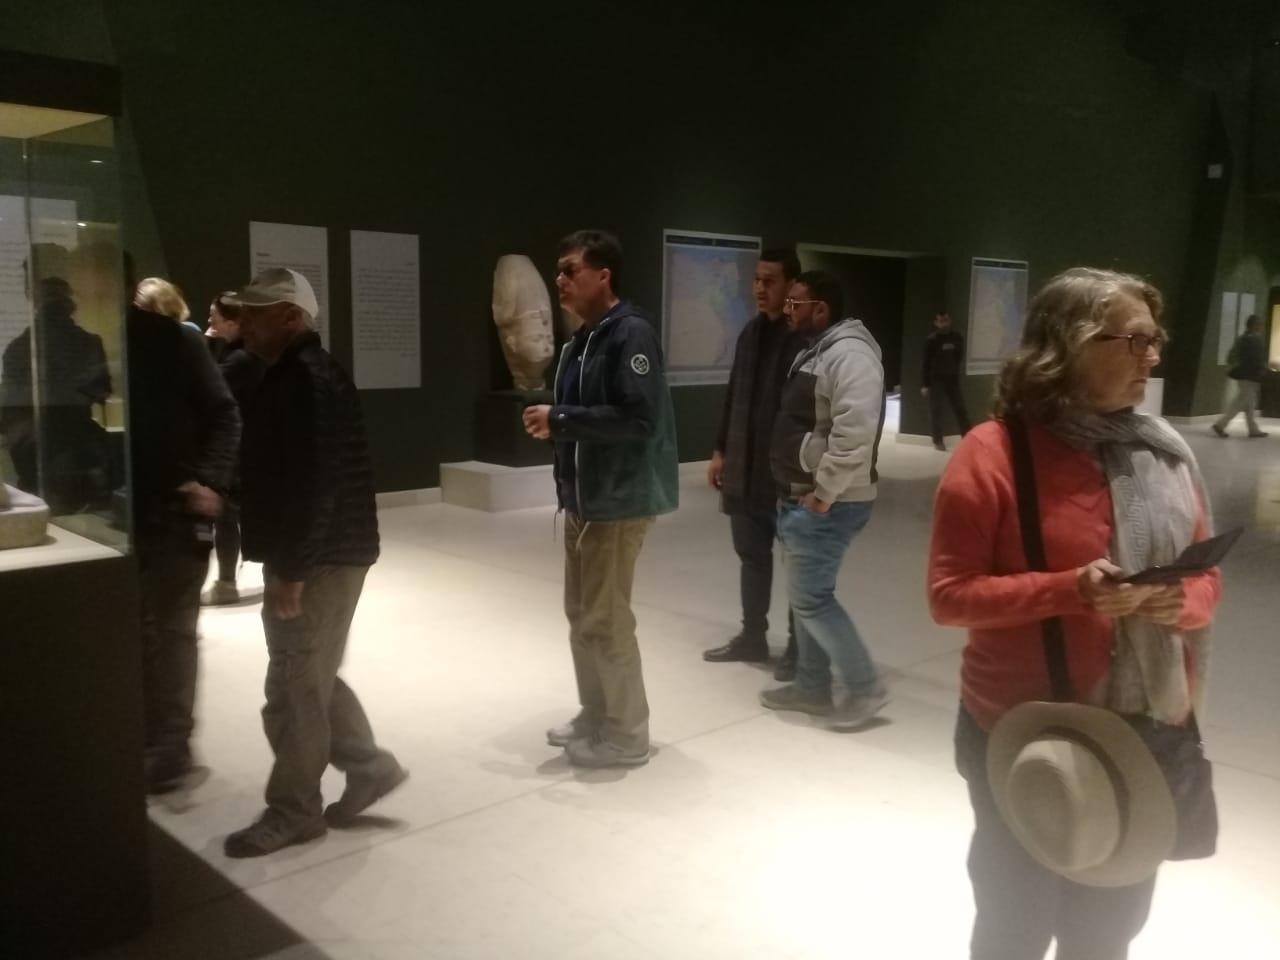 وفود سياحية تزور متحفى رشيد سوهاج